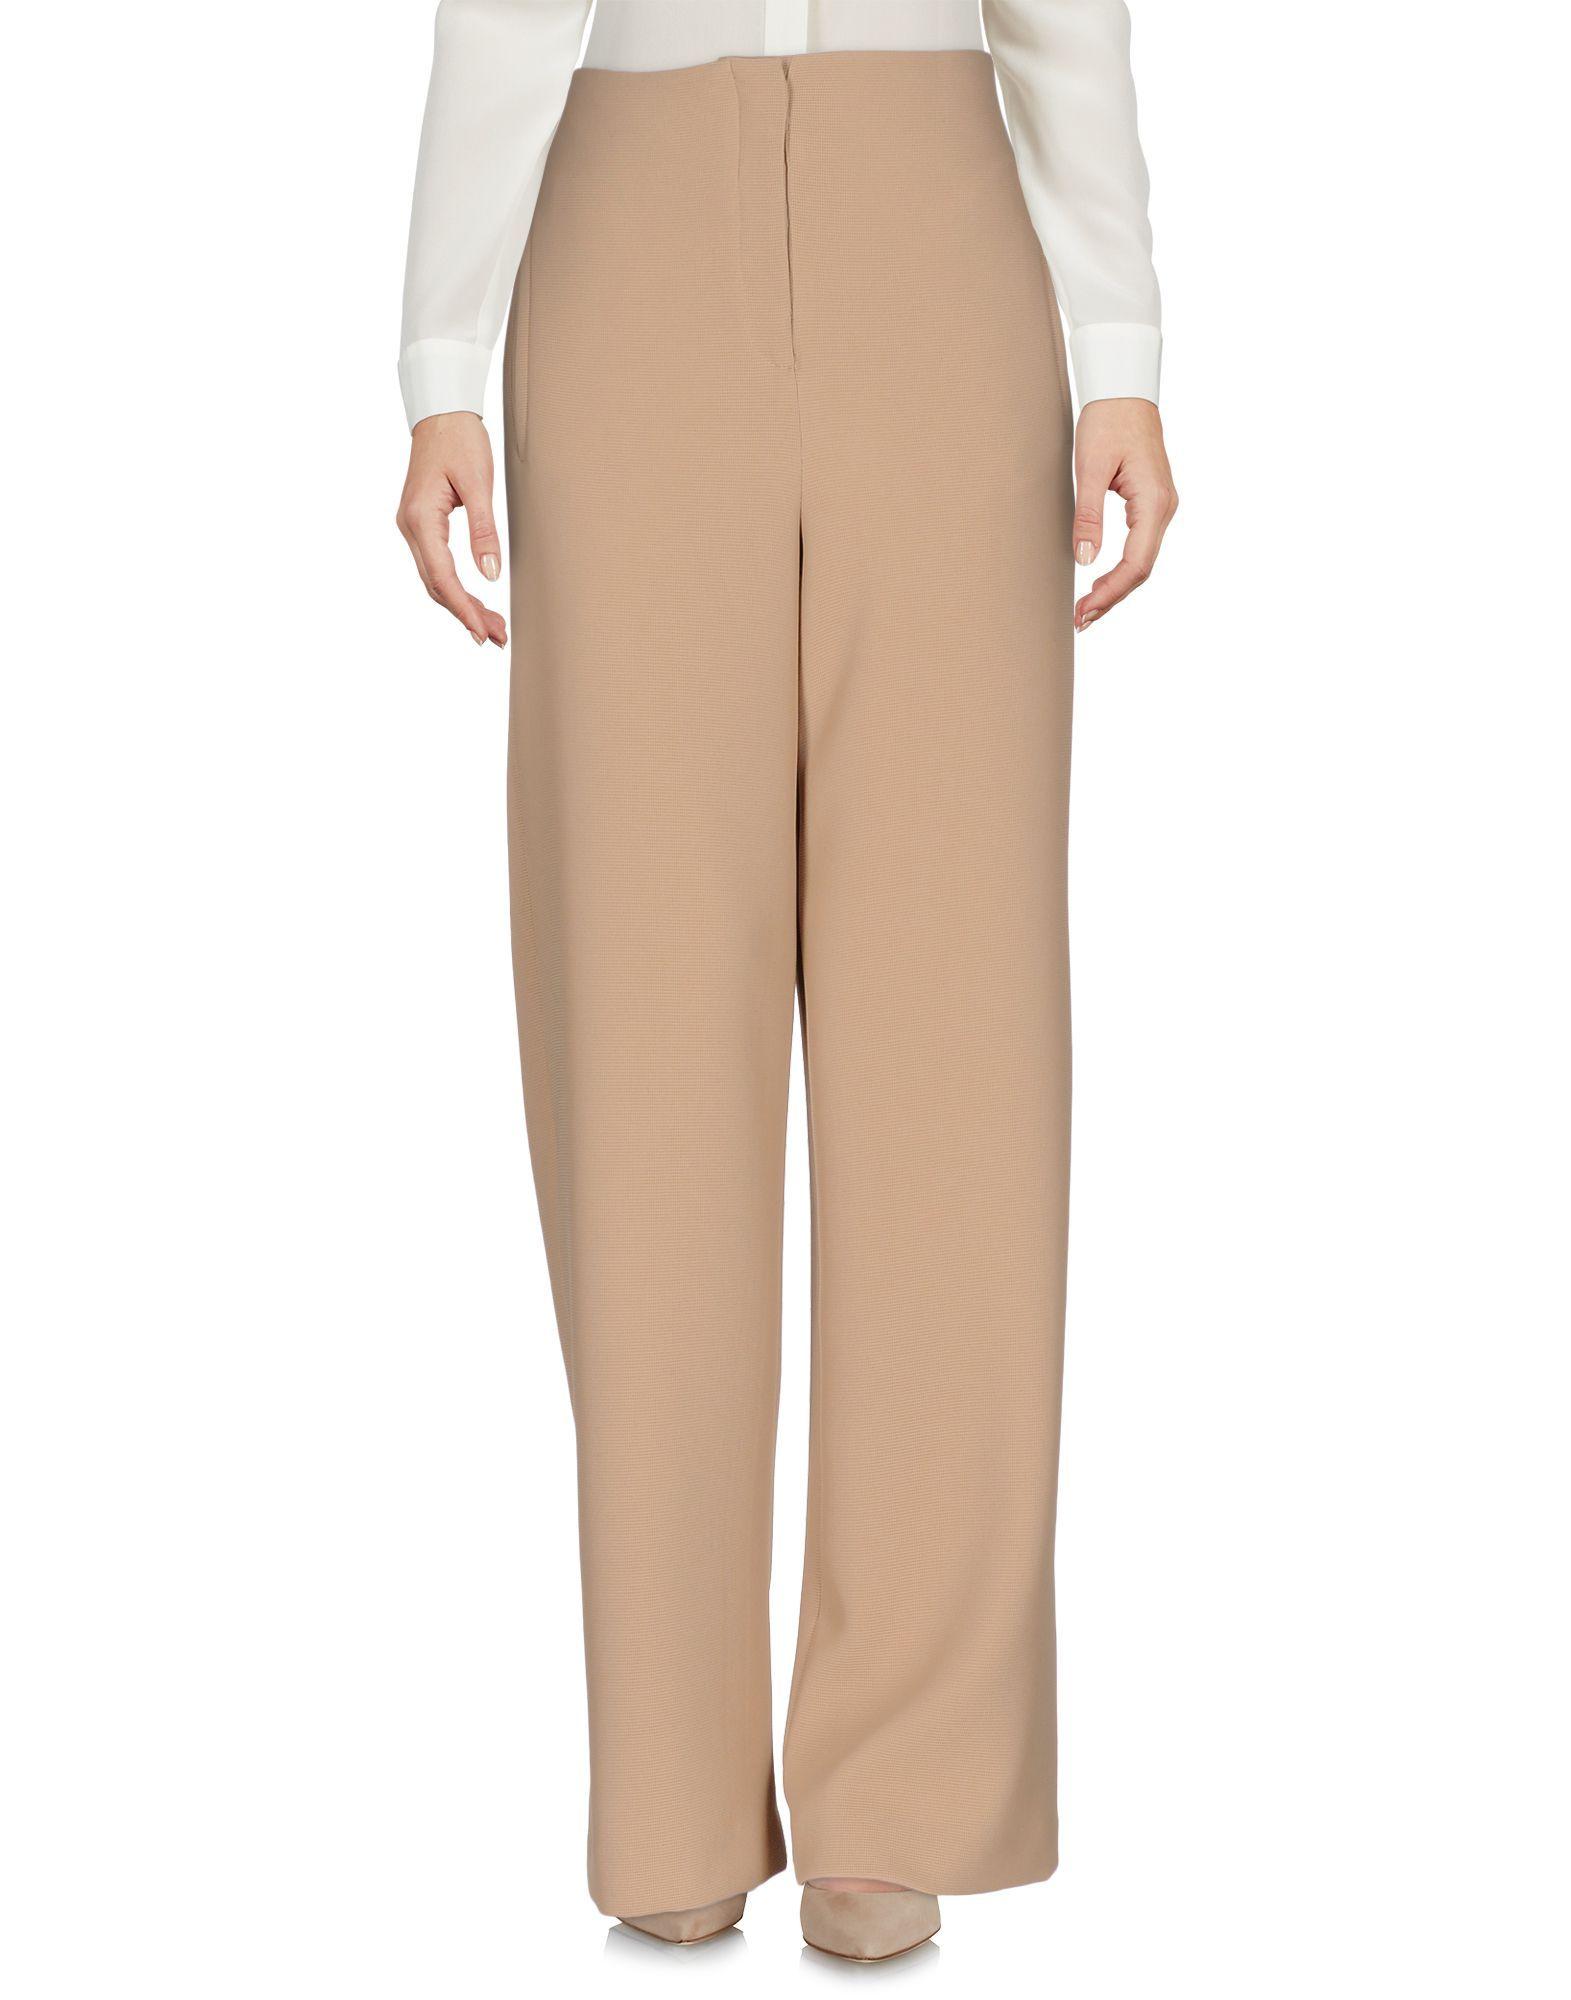 Nanushka Sand High Waisted Wide Leg Trousers